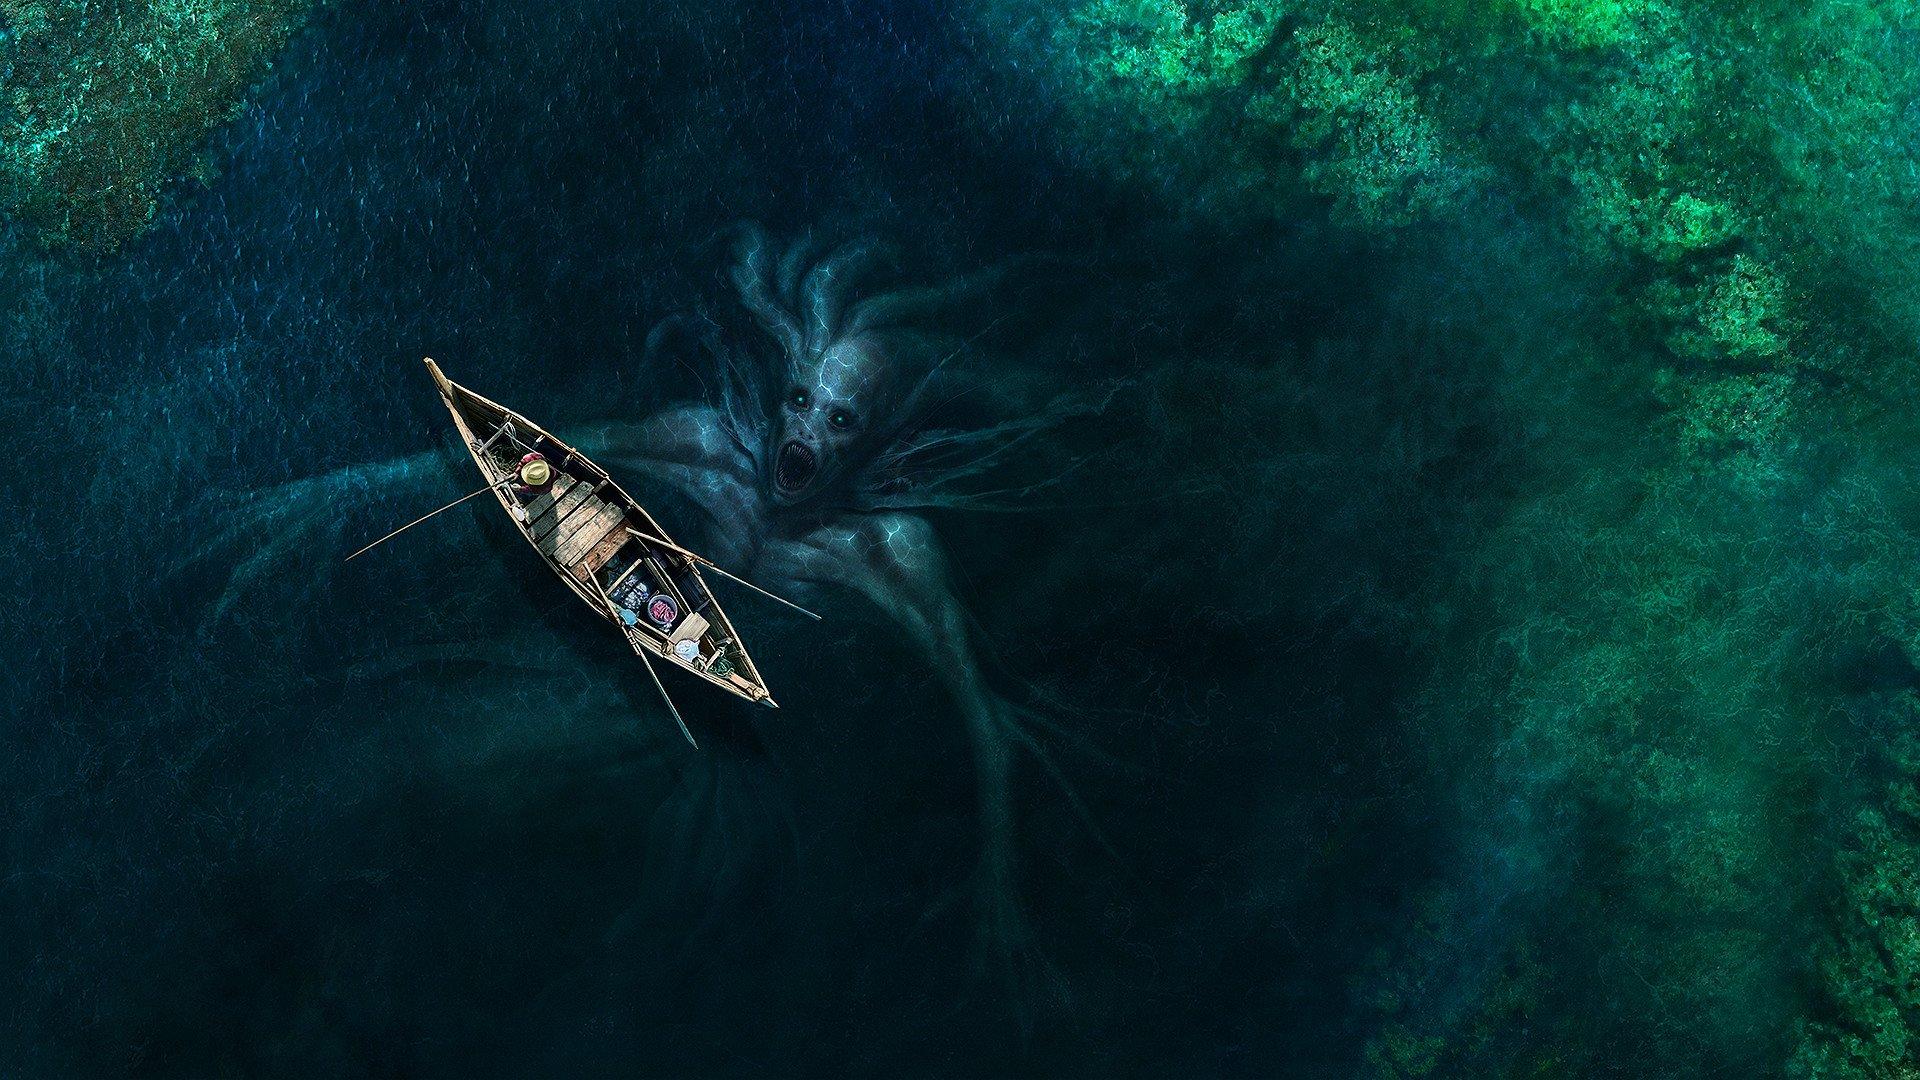 Monstruo De Mar Fondo De Pantalla Hd Fondo De Escritorio